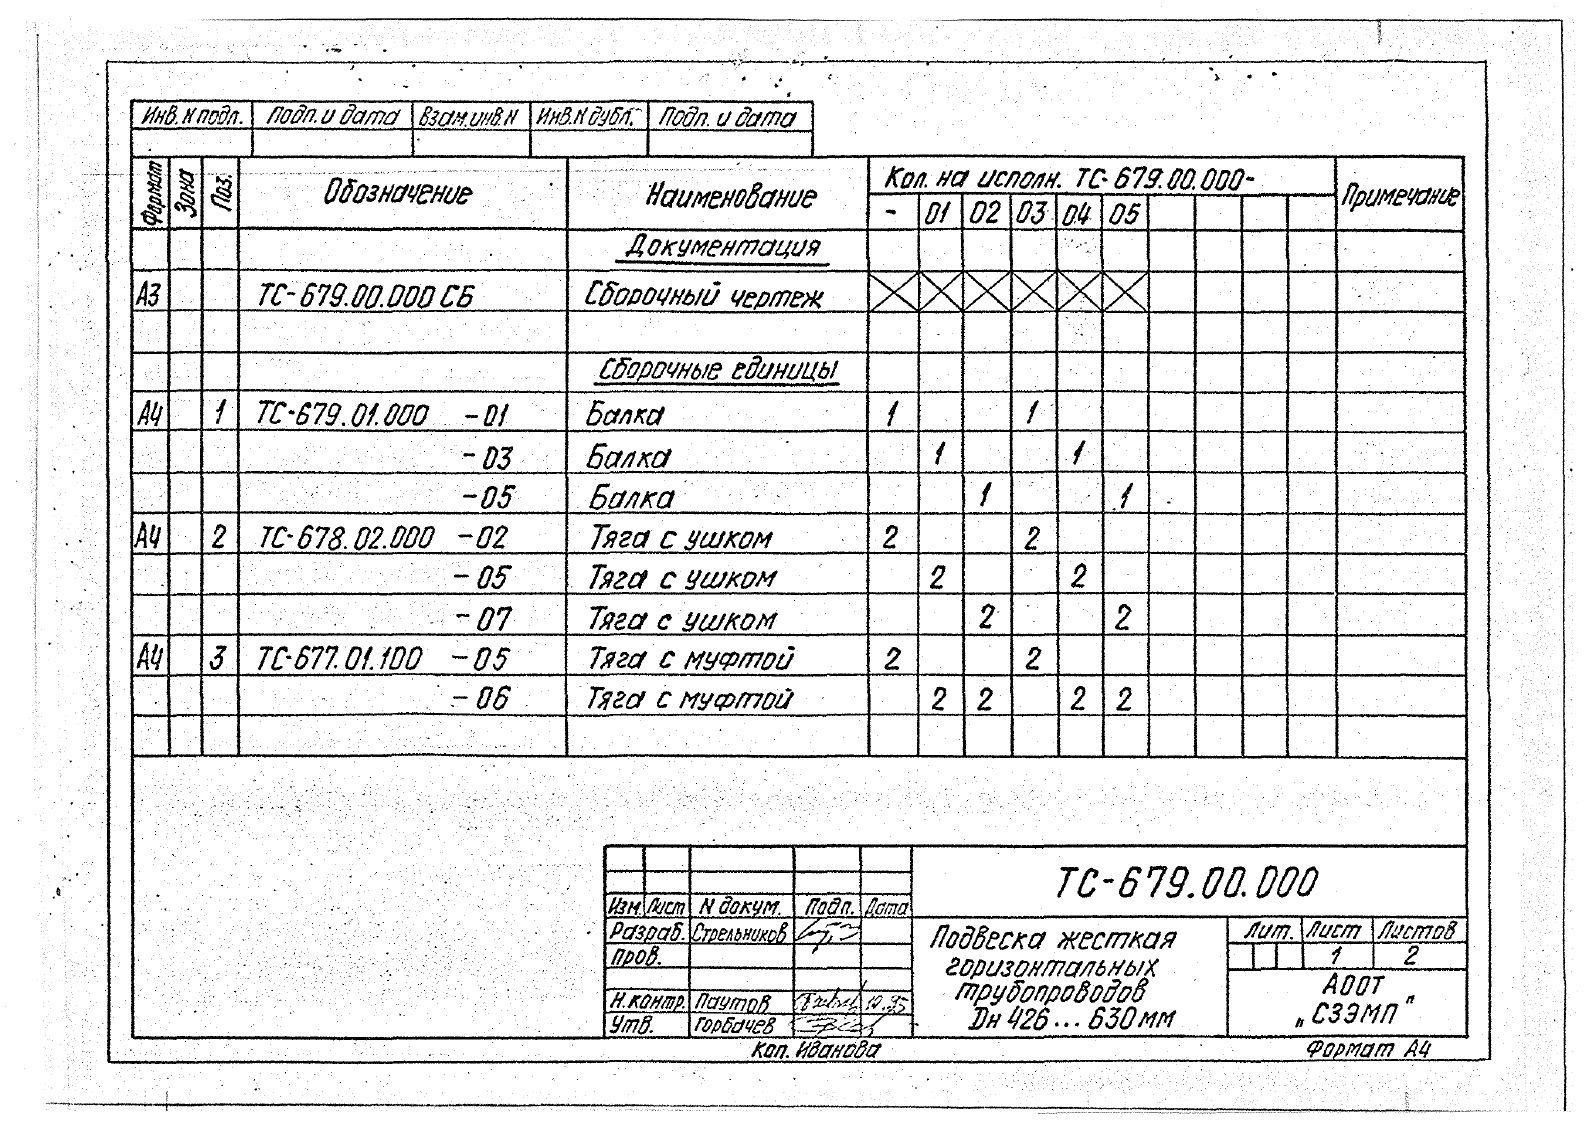 Подвески жесткие Дн 426-630 ТС-679 с.5.903-13 вып.6-95 стр.4